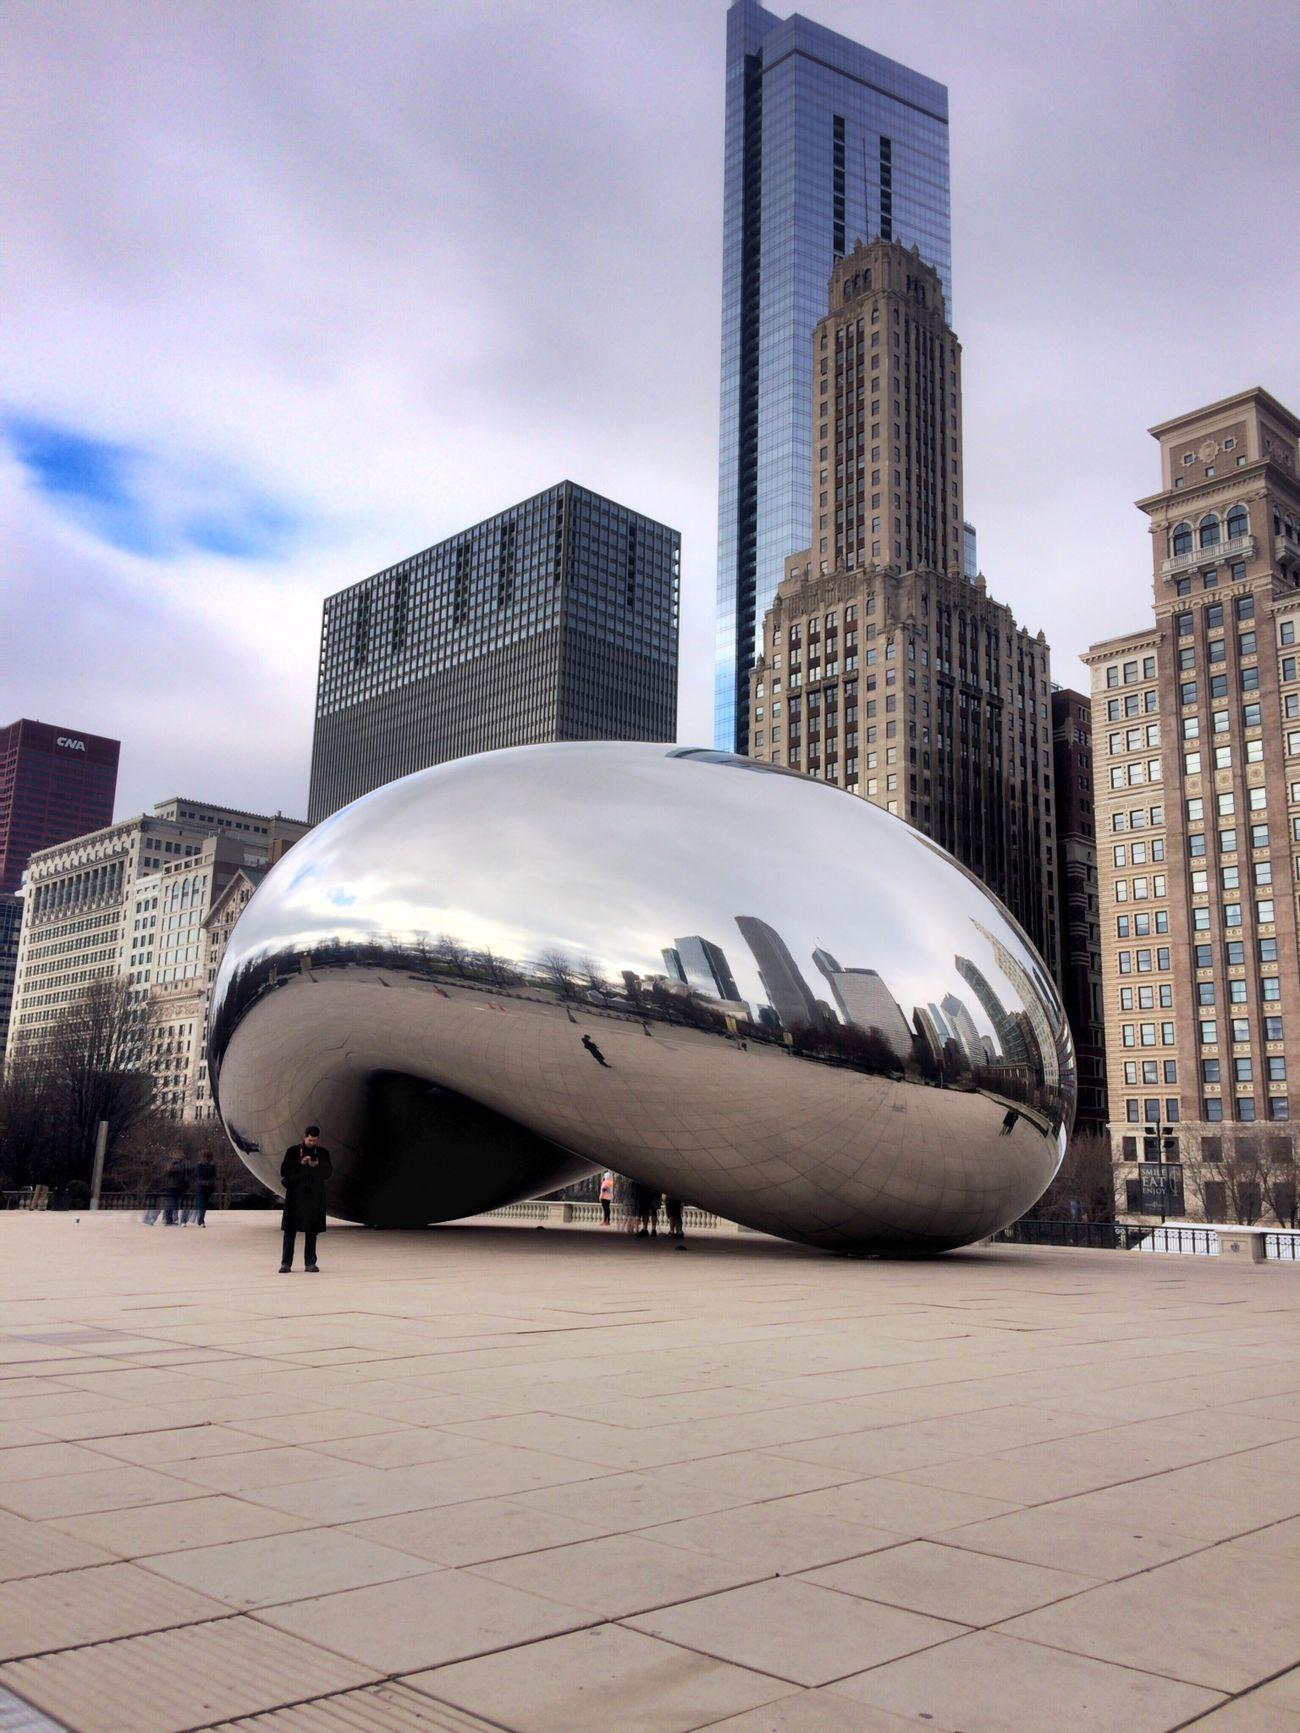 Cloud Gate Cloudgate Thebean Mellinnium Park Chicago Loop Windycity